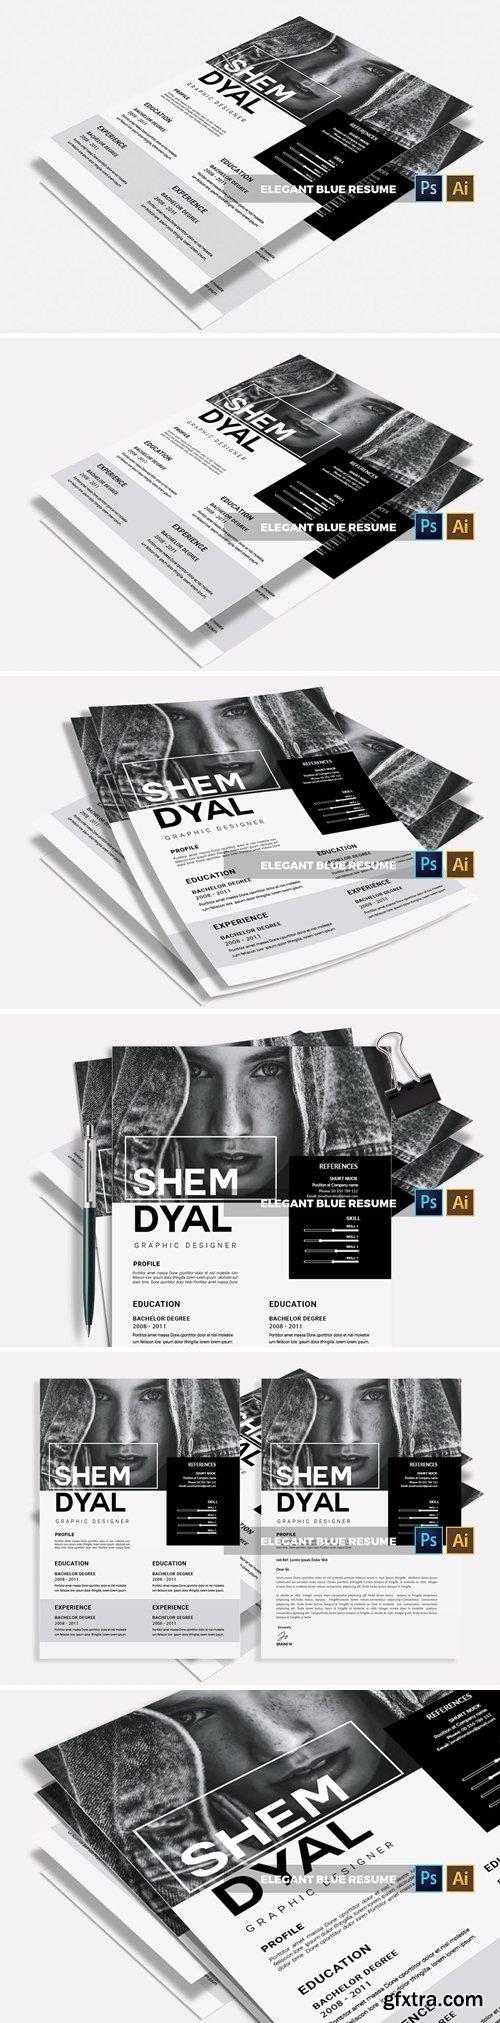 Shemdyal | CV & Resume